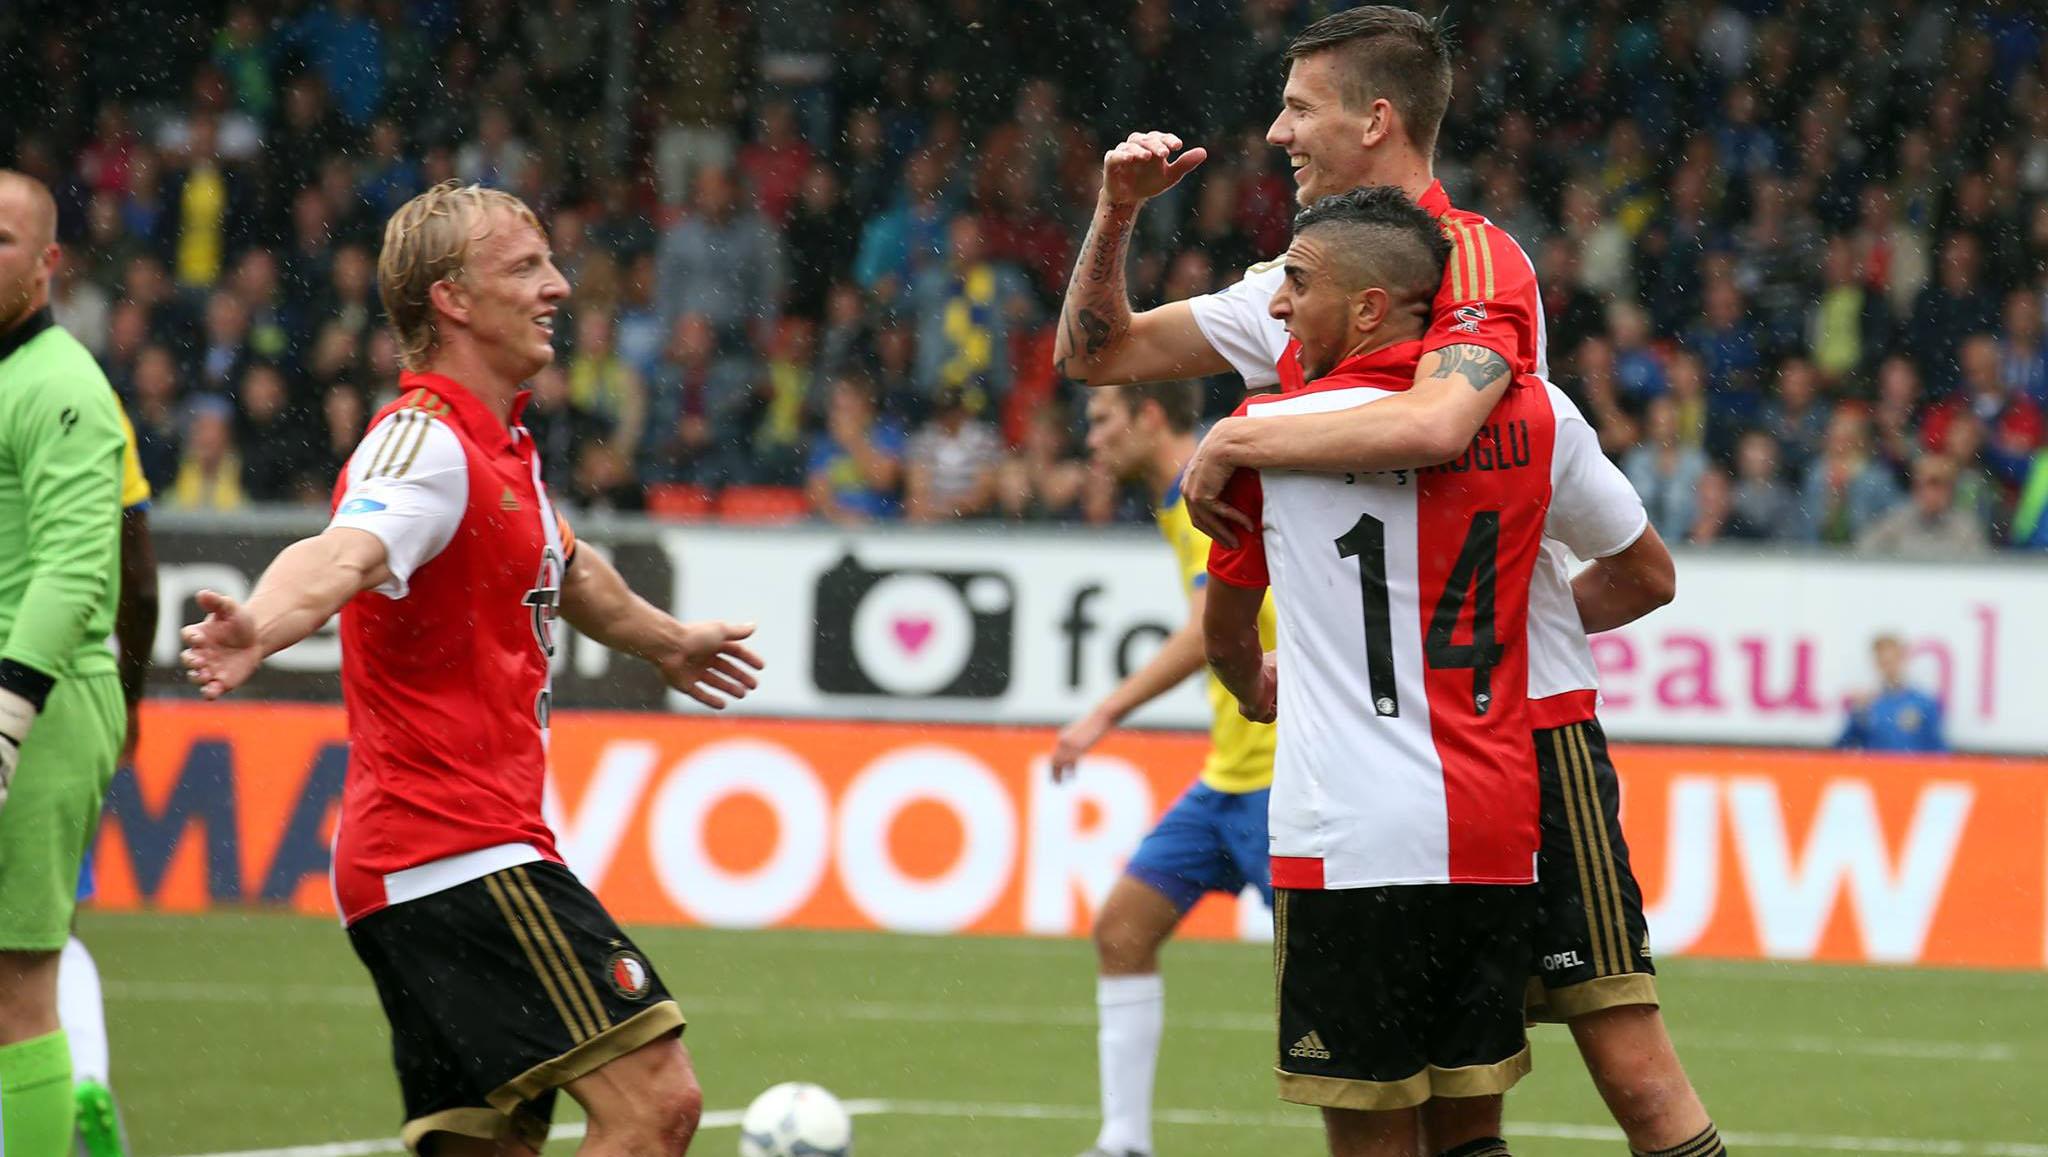 Feyenoord-PSV il pronostico di Eredivisie: pioggia di gol in arrivo?